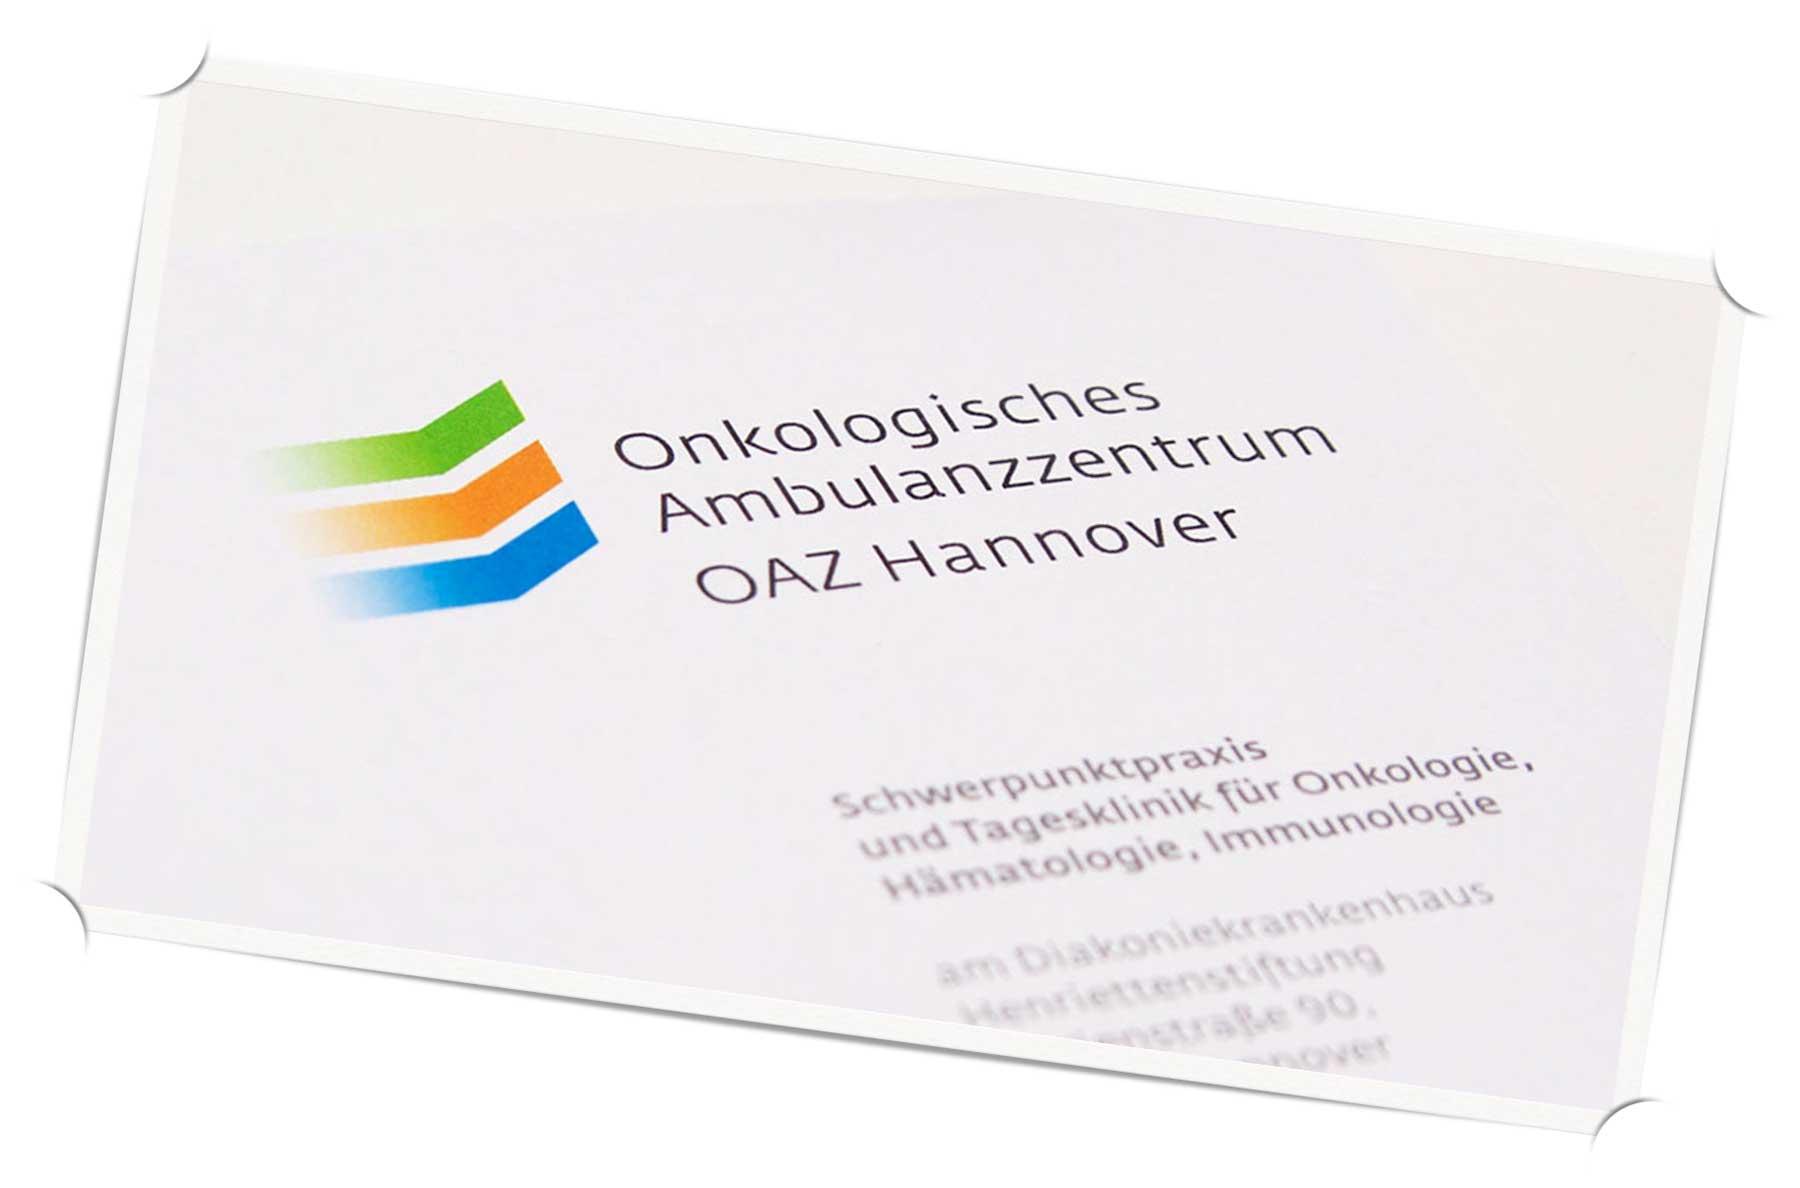 Logo Onkologisches Ambulanzzentrum OAZ Hannover